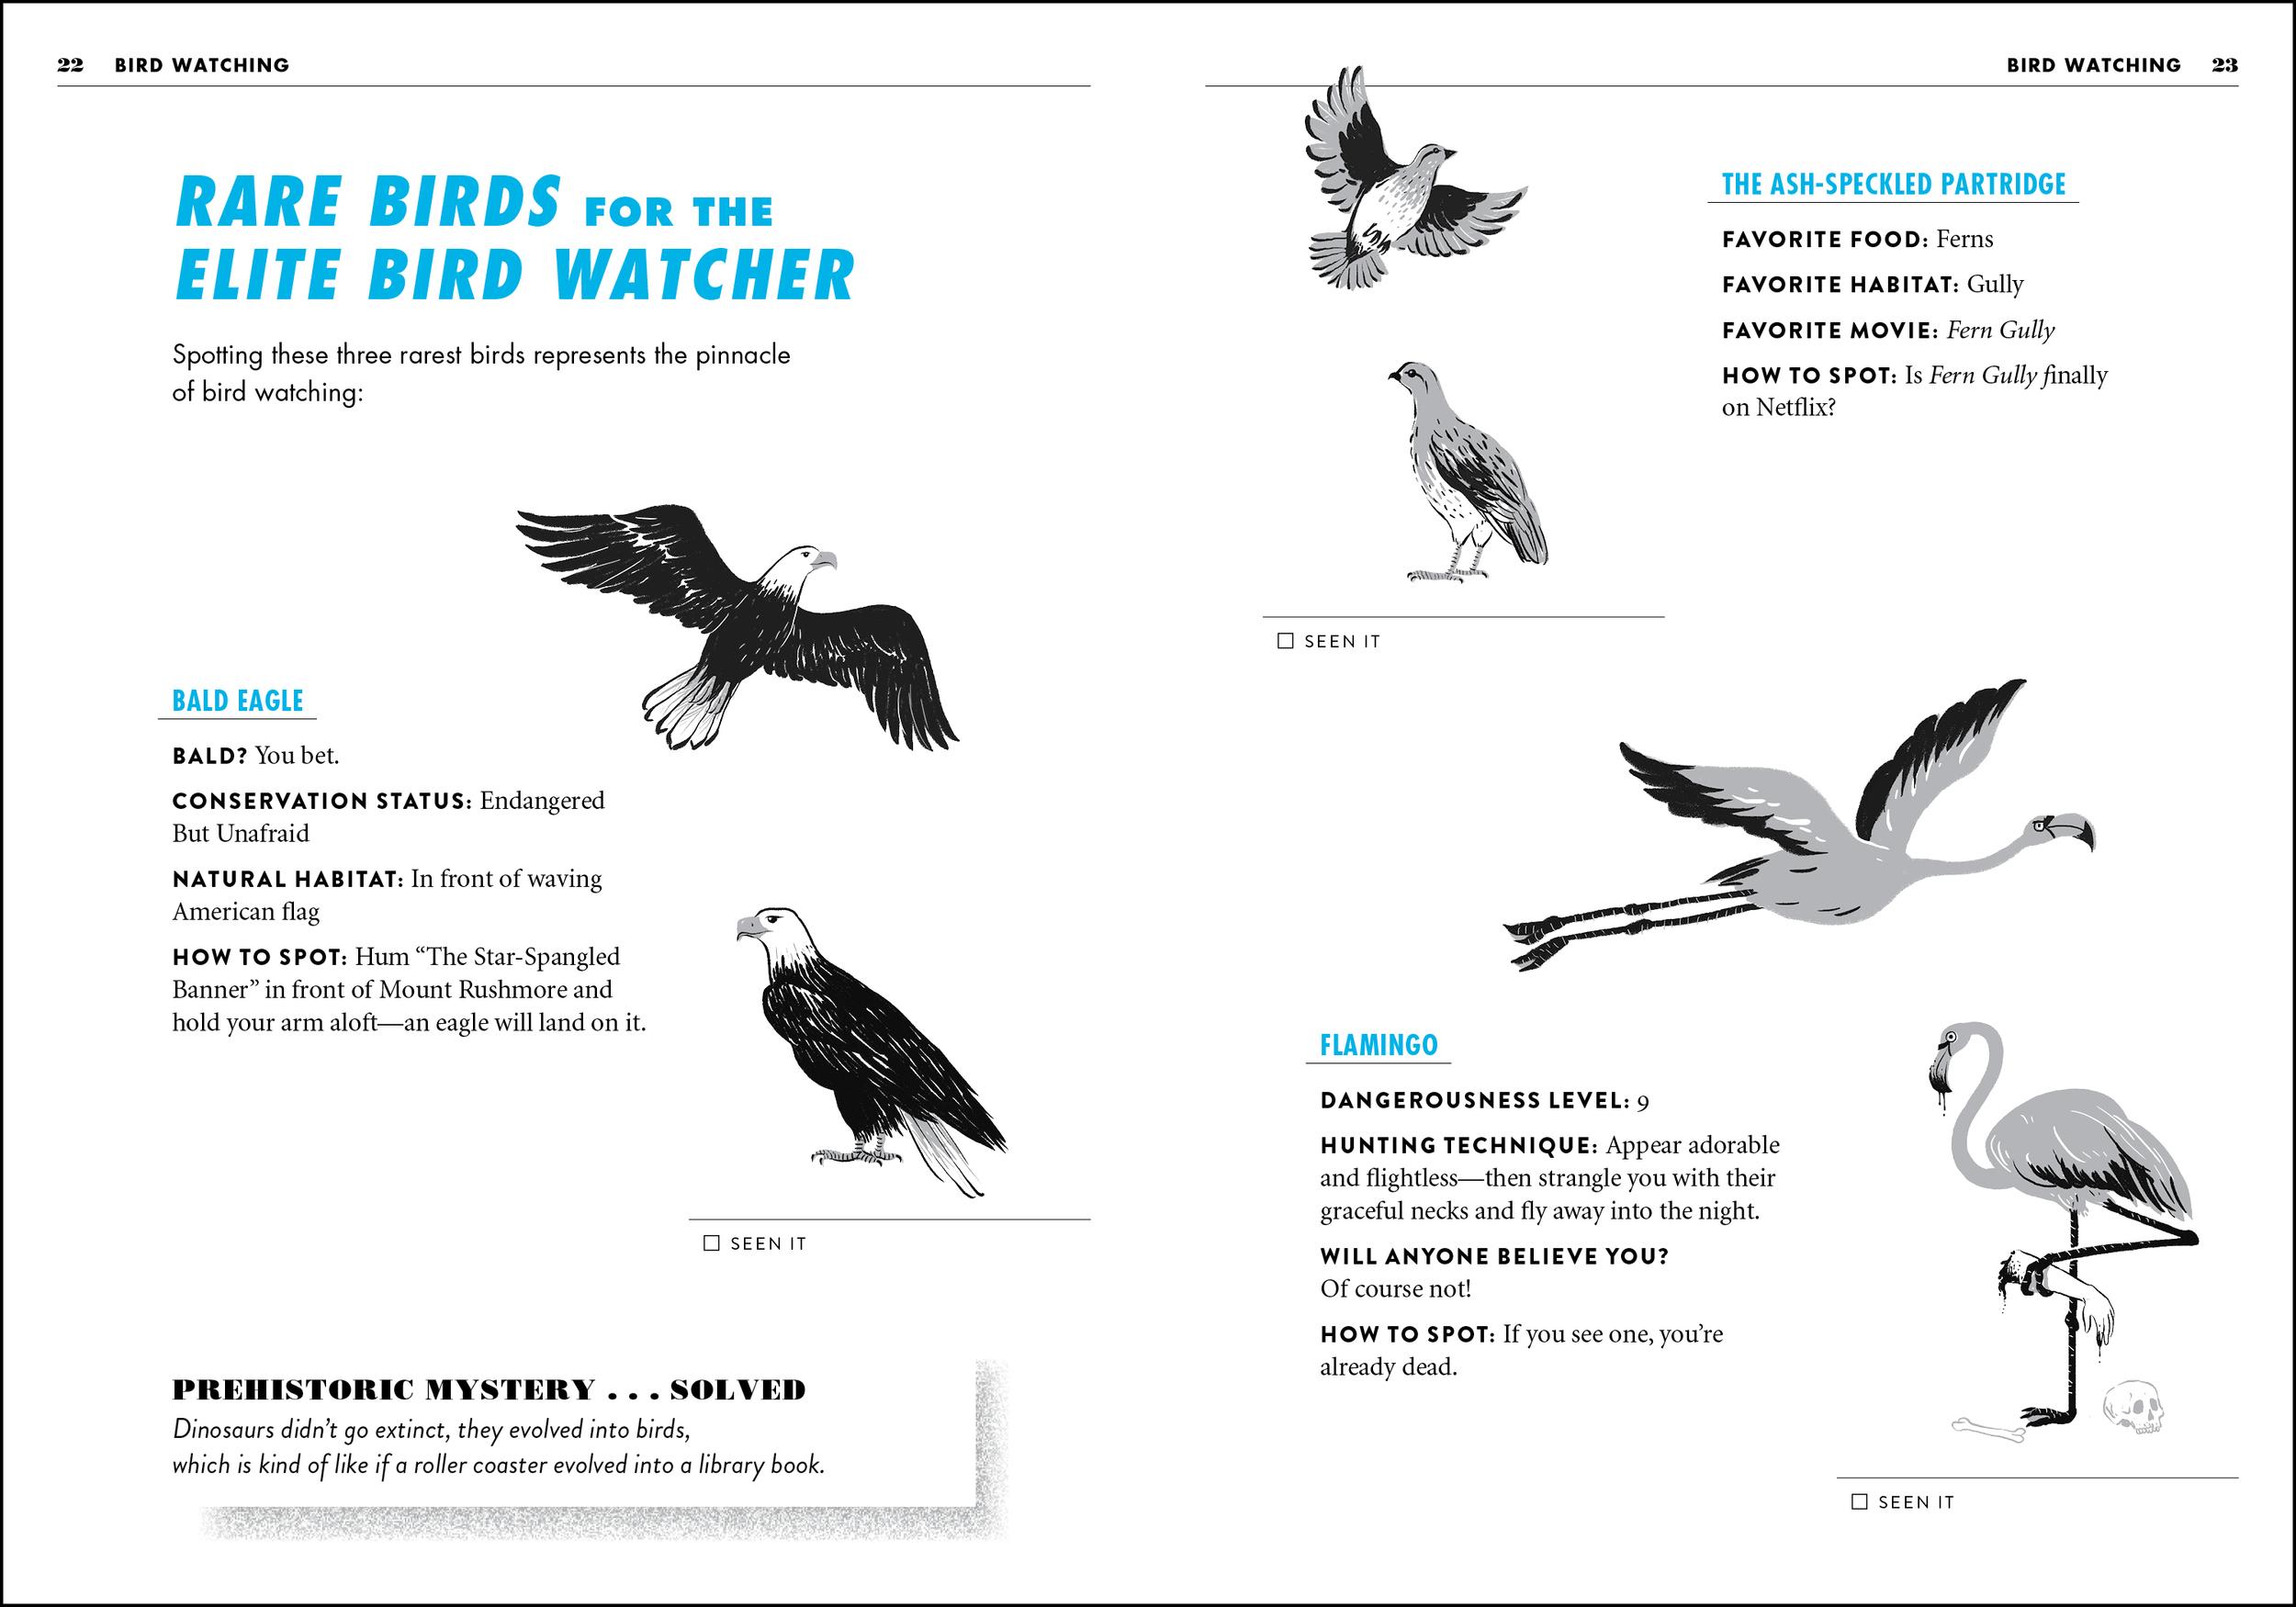 winning_birds-2.jpg